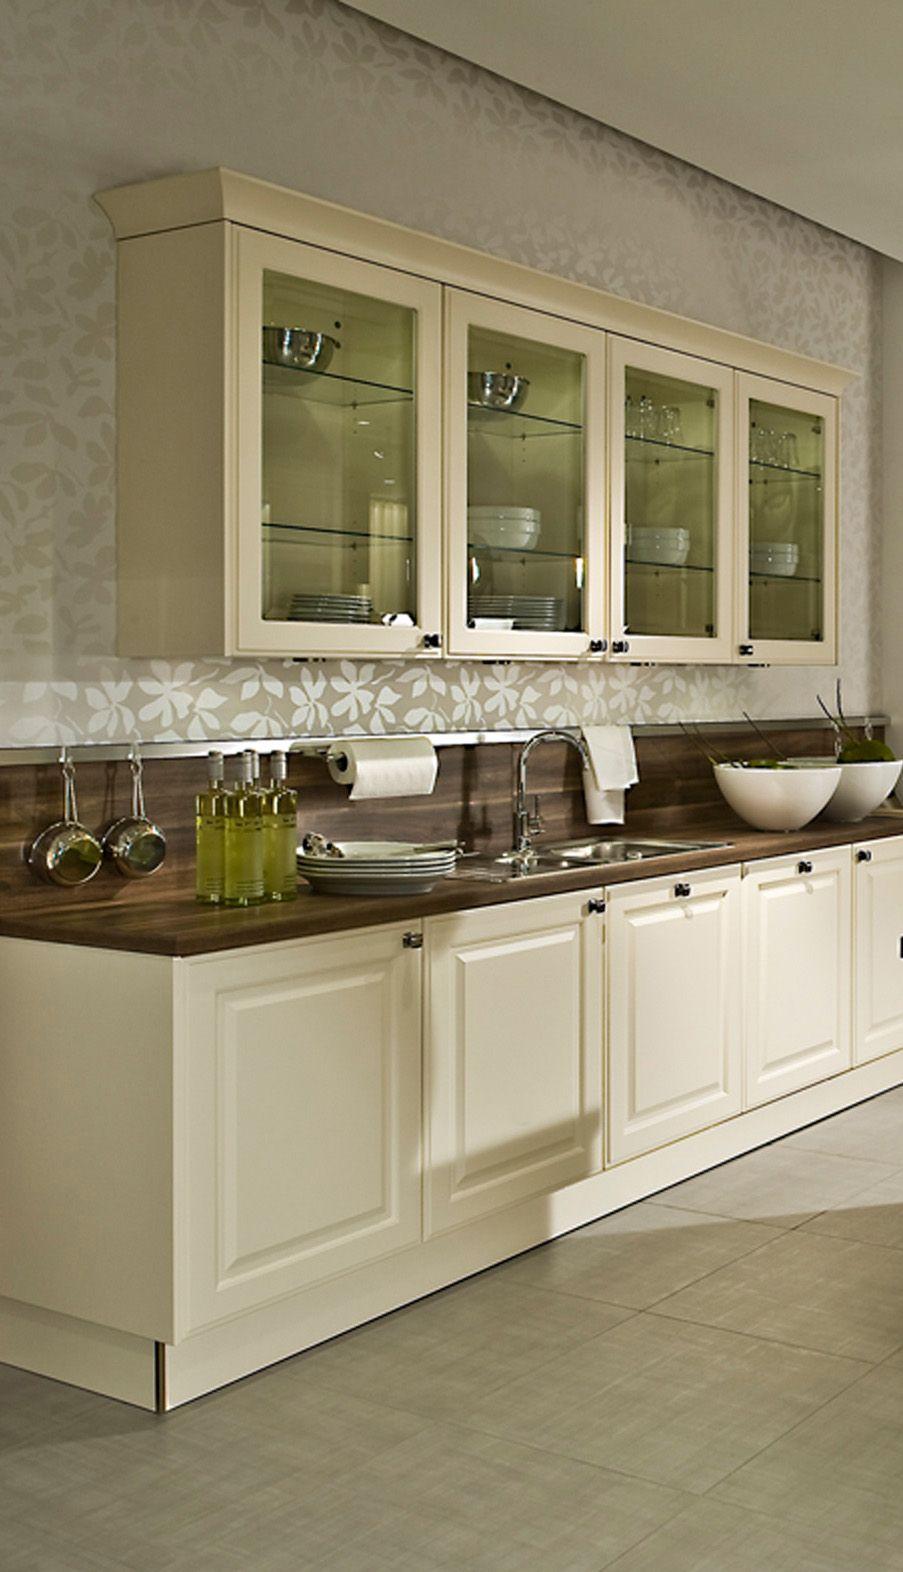 Idee von Küche&Co auf Magnolie Vanille bestimmt die